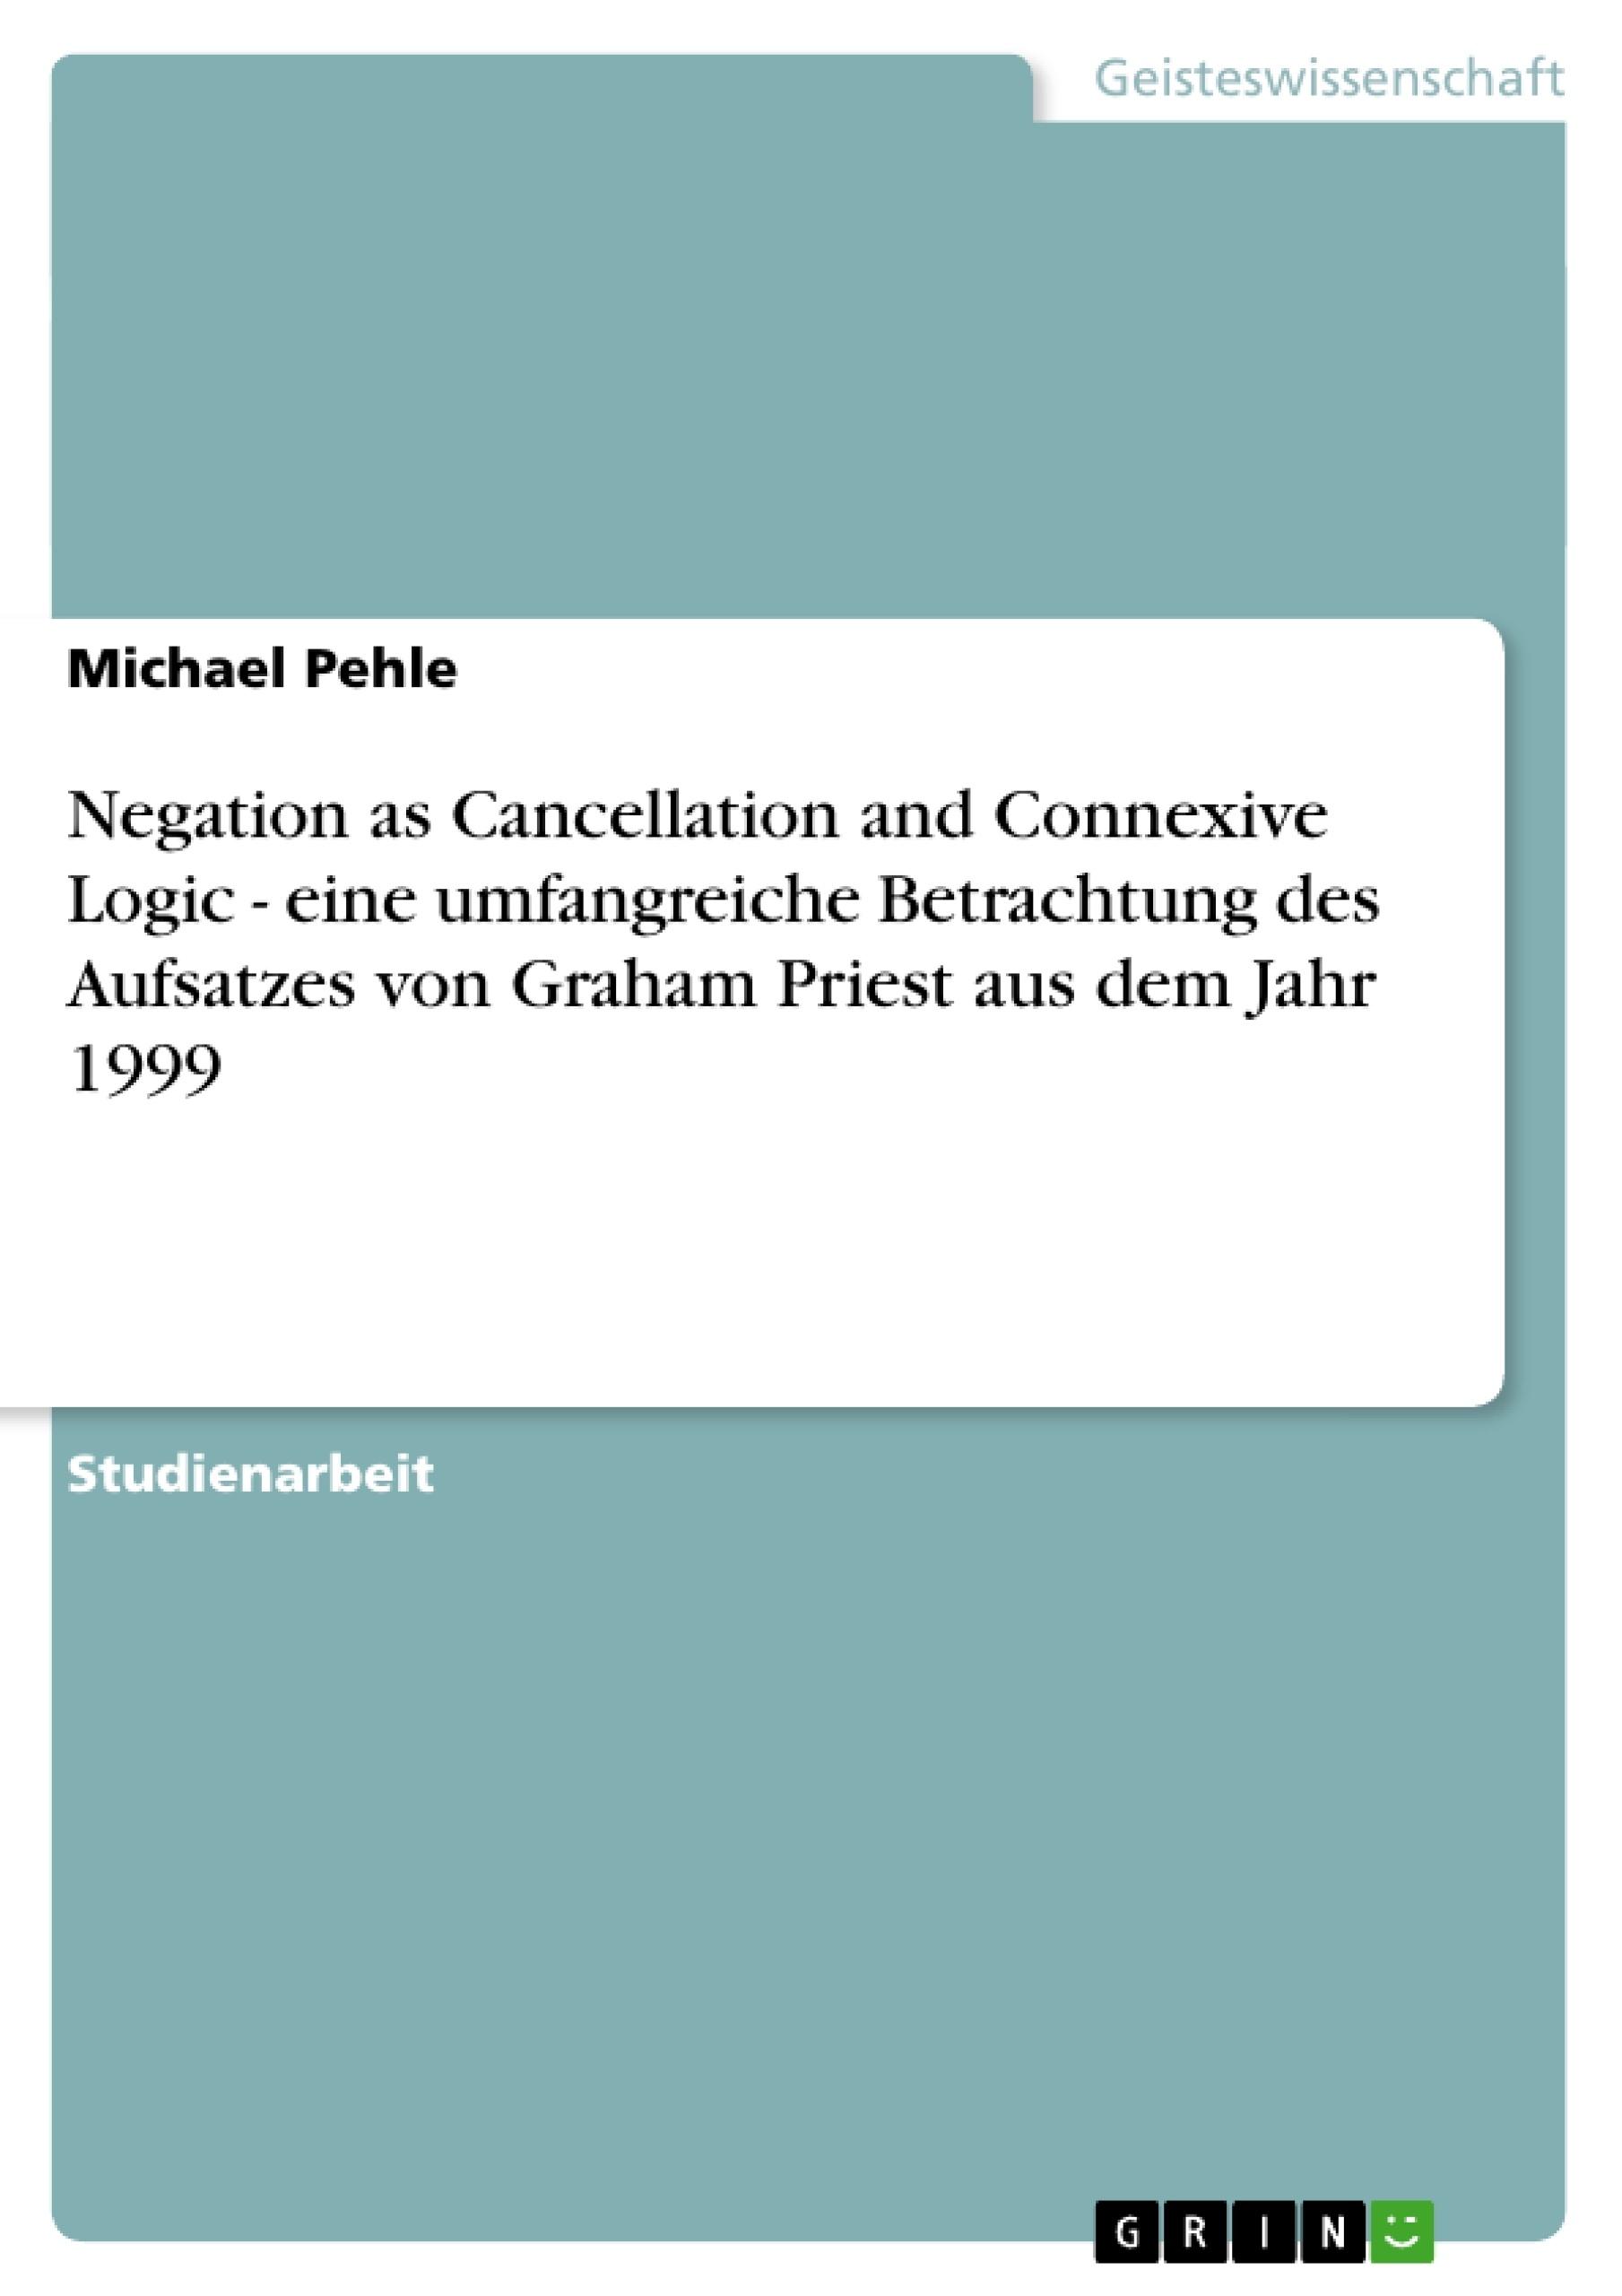 Titel: Negation as Cancellation and Connexive Logic - eine umfangreiche Betrachtung des Aufsatzes von Graham Priest aus dem Jahr 1999